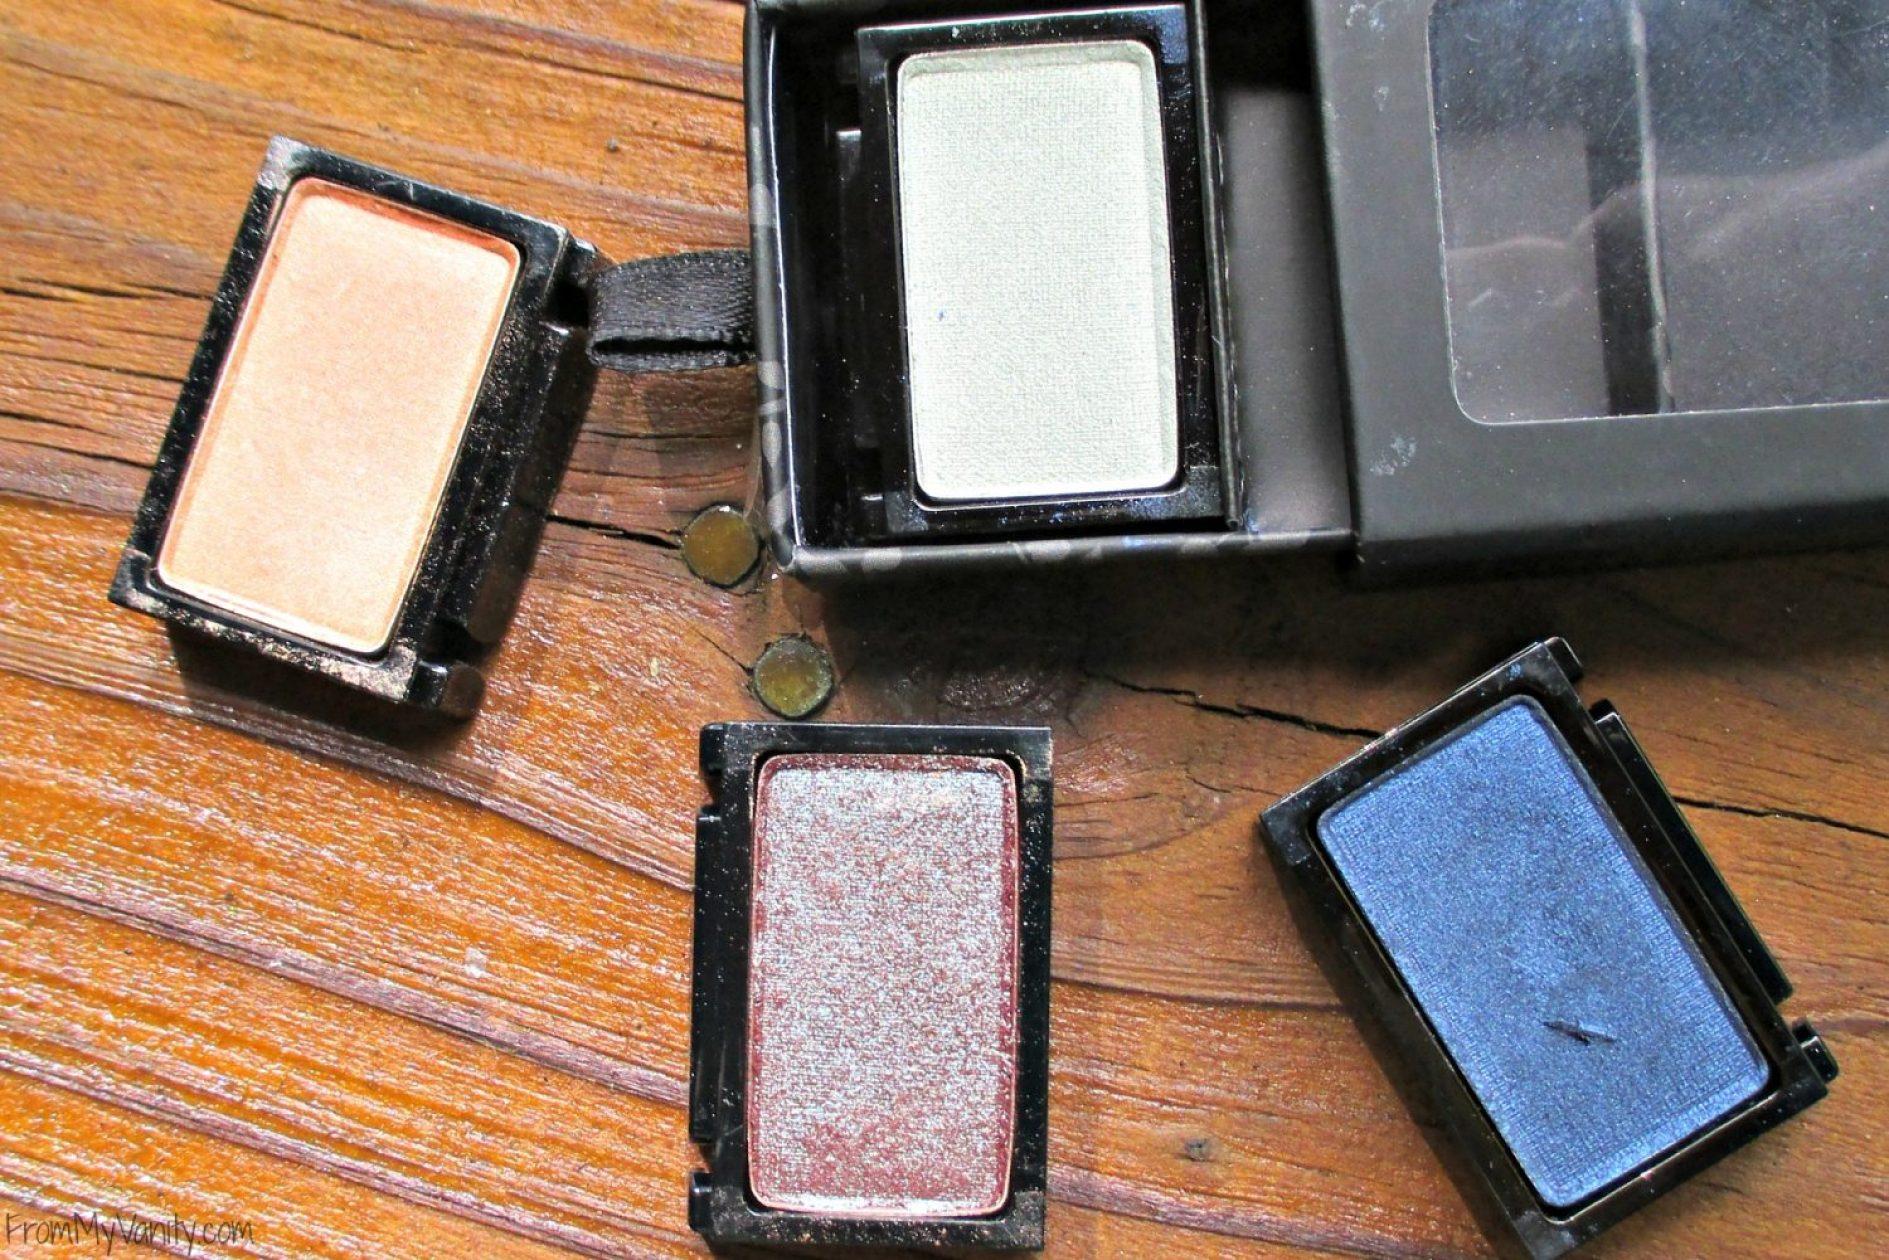 Butter London NEW Shadow Clutch Palette // Wardrobe Duo Eyeshadows in Moody Blues & Fancy Flutters // FromMyVanity.com